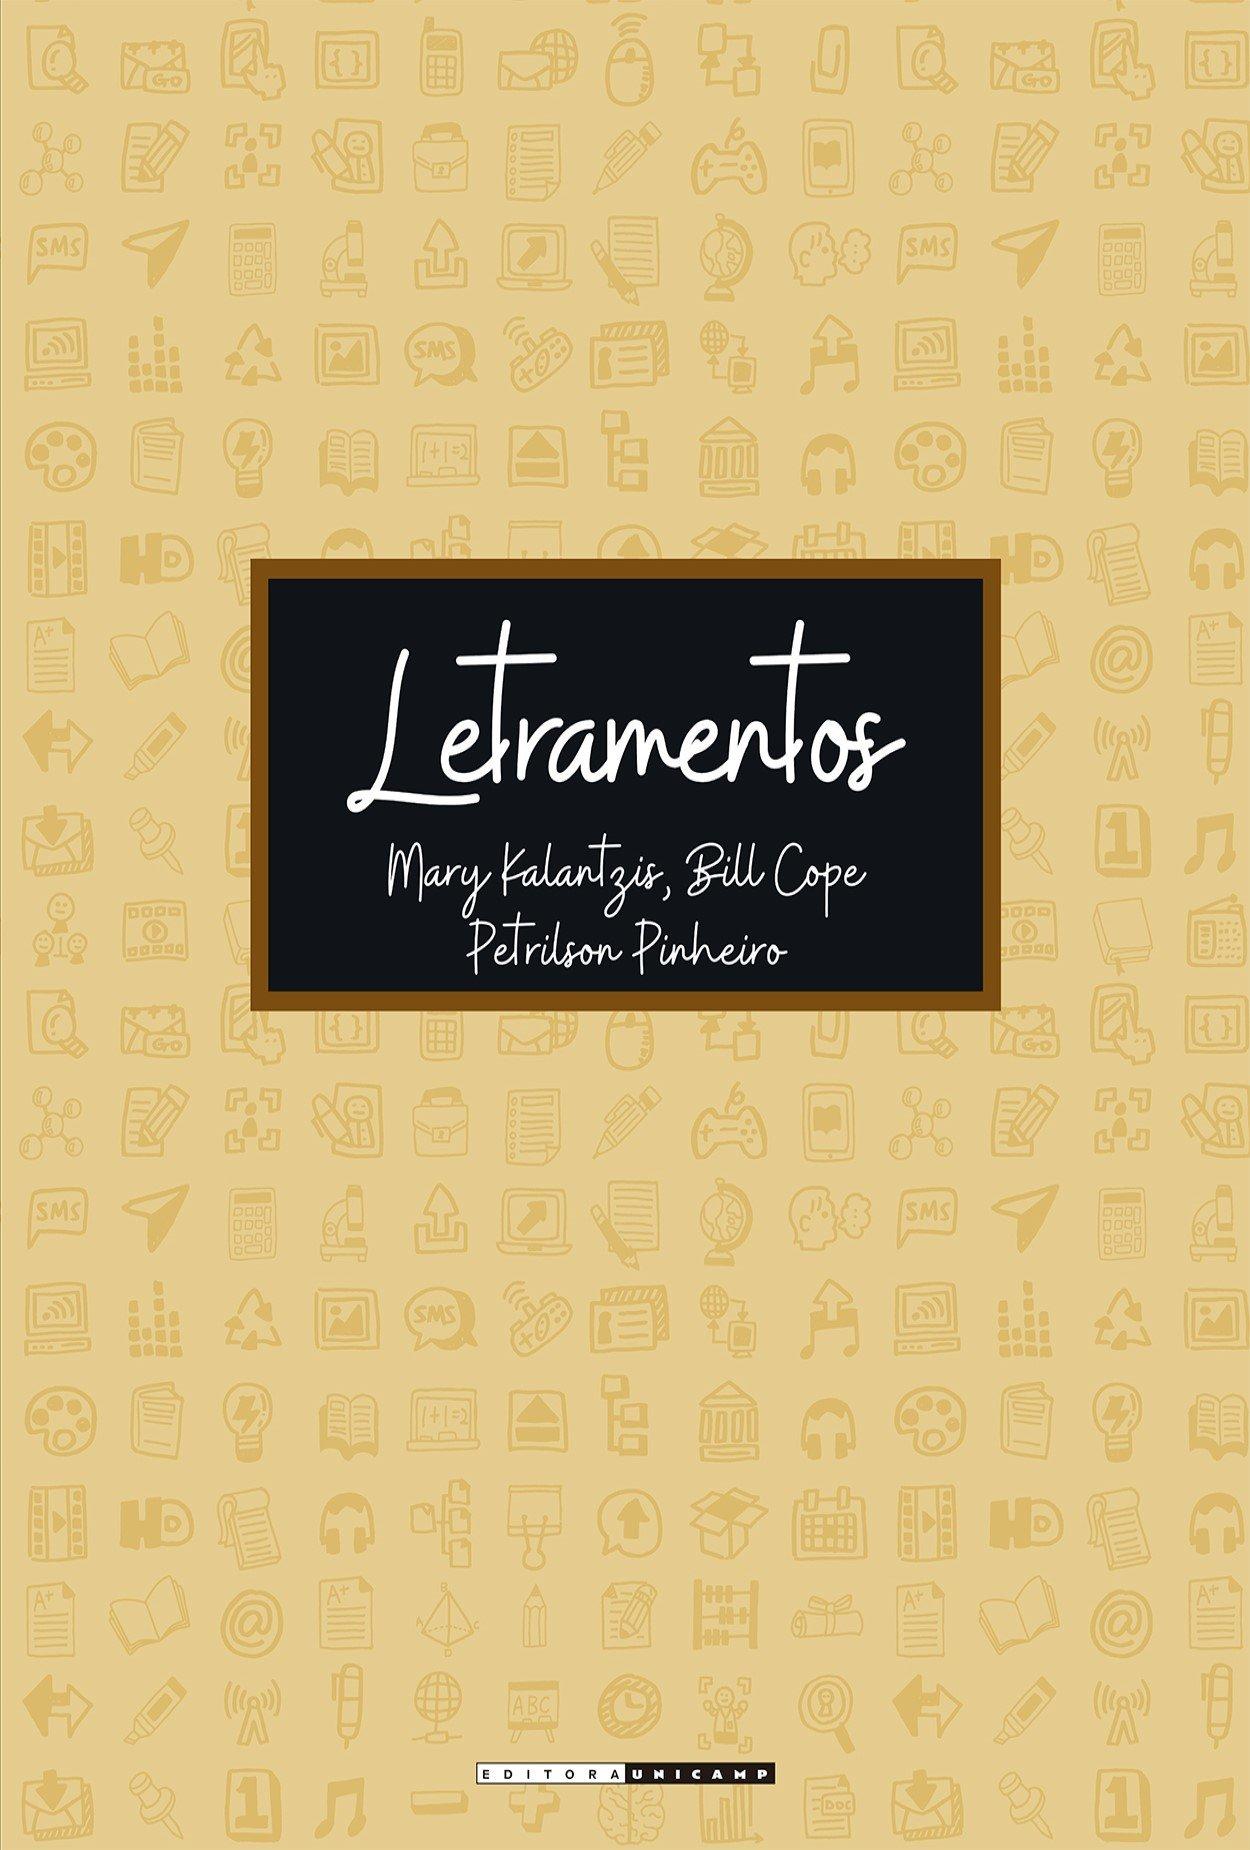 Letramentos, livro de Mary Kalantzis, Bill Cope, Petrilson Pinheiro